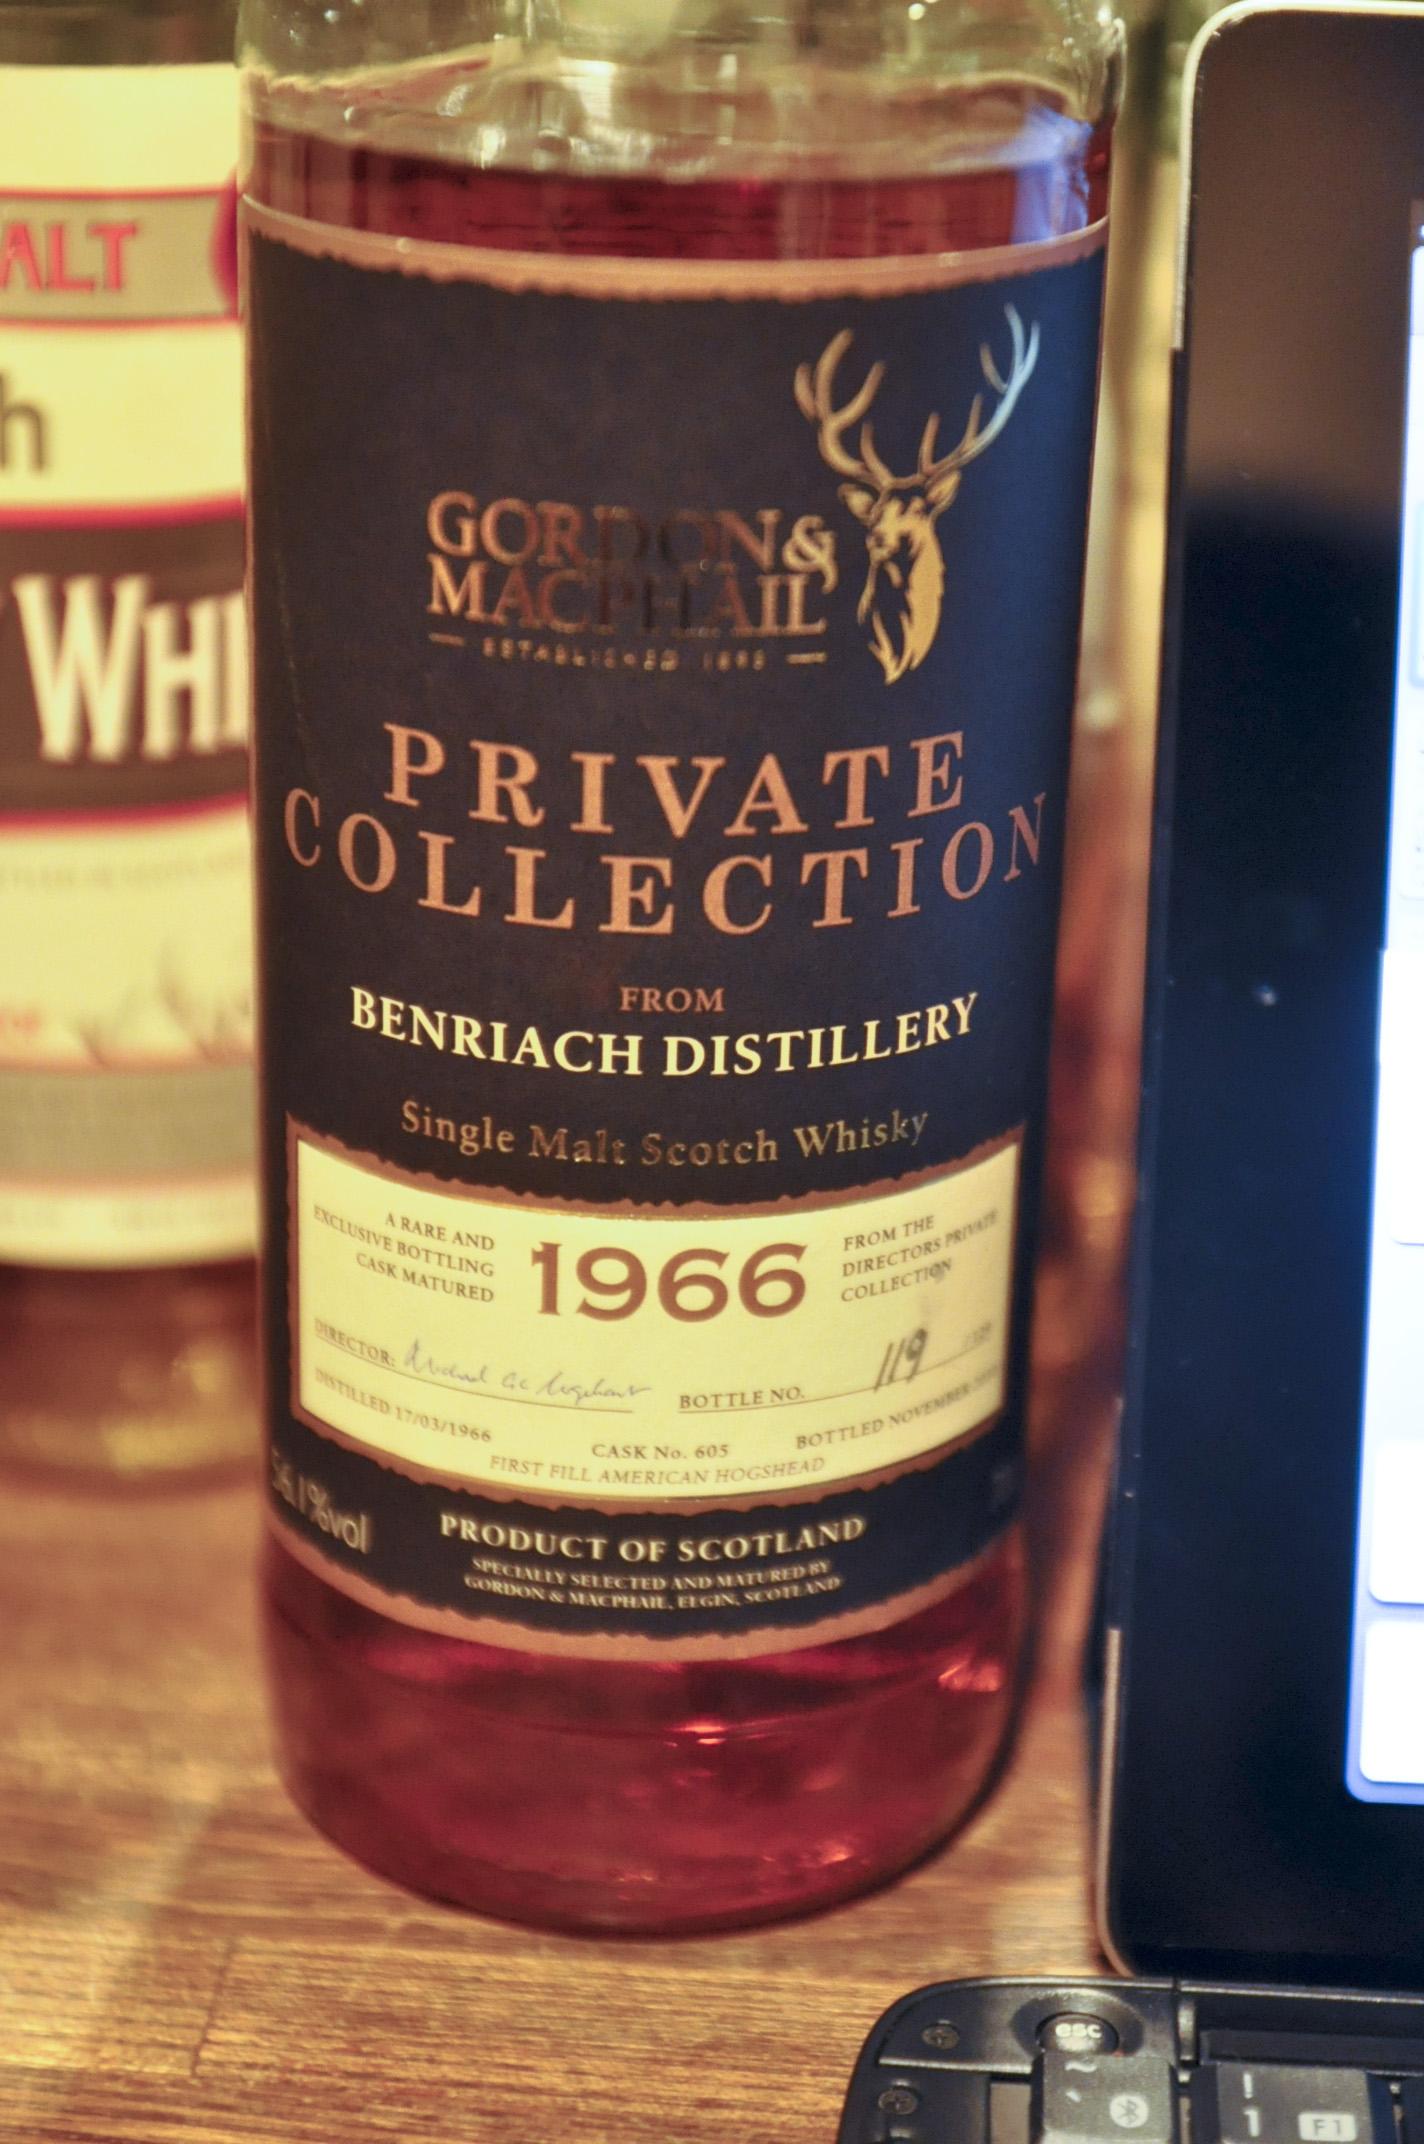 ベンリアック Benriach 1966/2010 (56.1%, Gordon & MacPhail, Private Collection, C#605, 119/129Btls)  1st fill American Hogshead表記